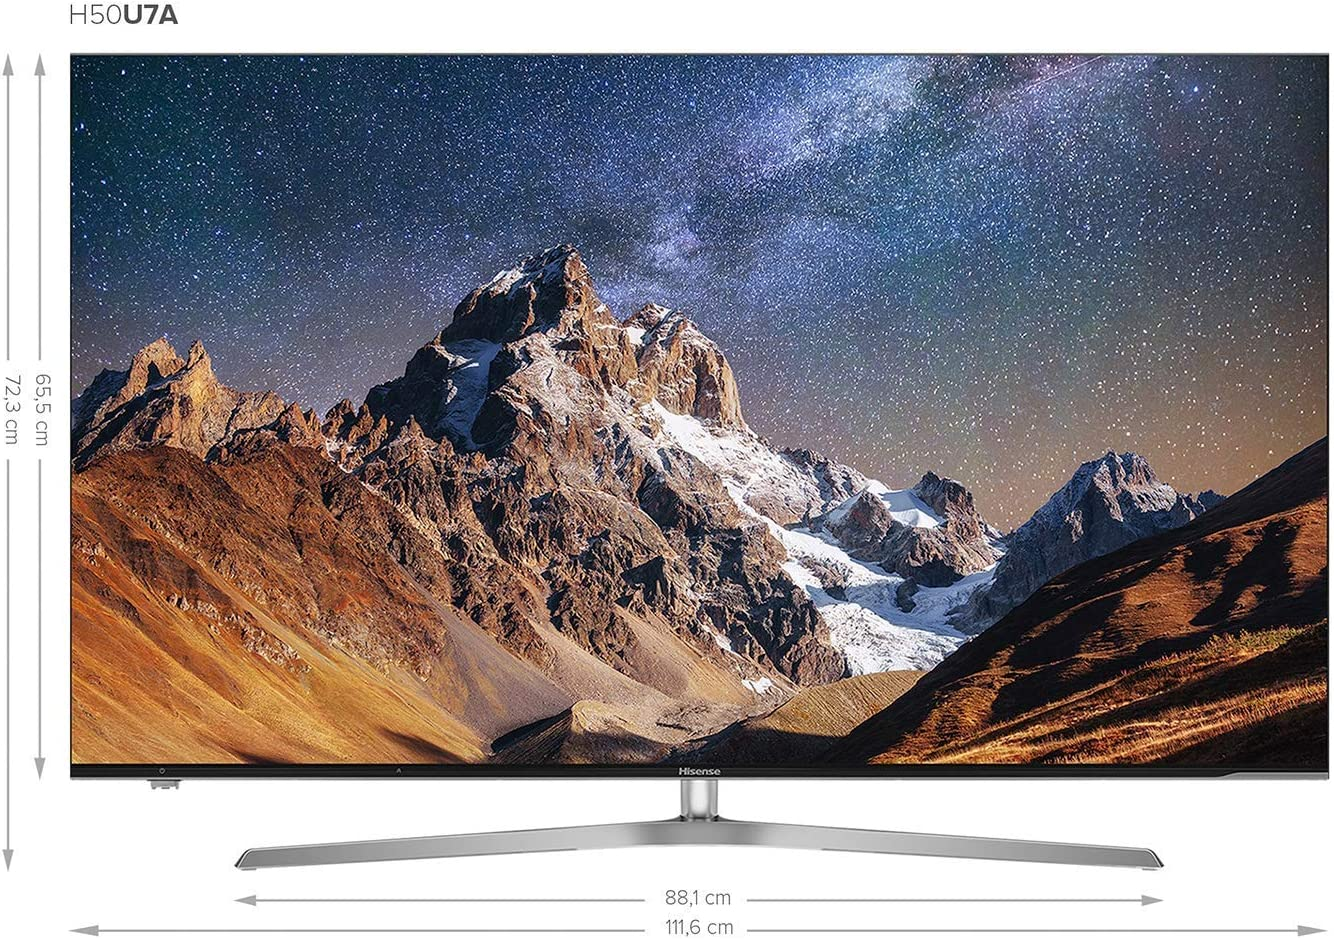 Hisense H50U7A - TV Hisense 50